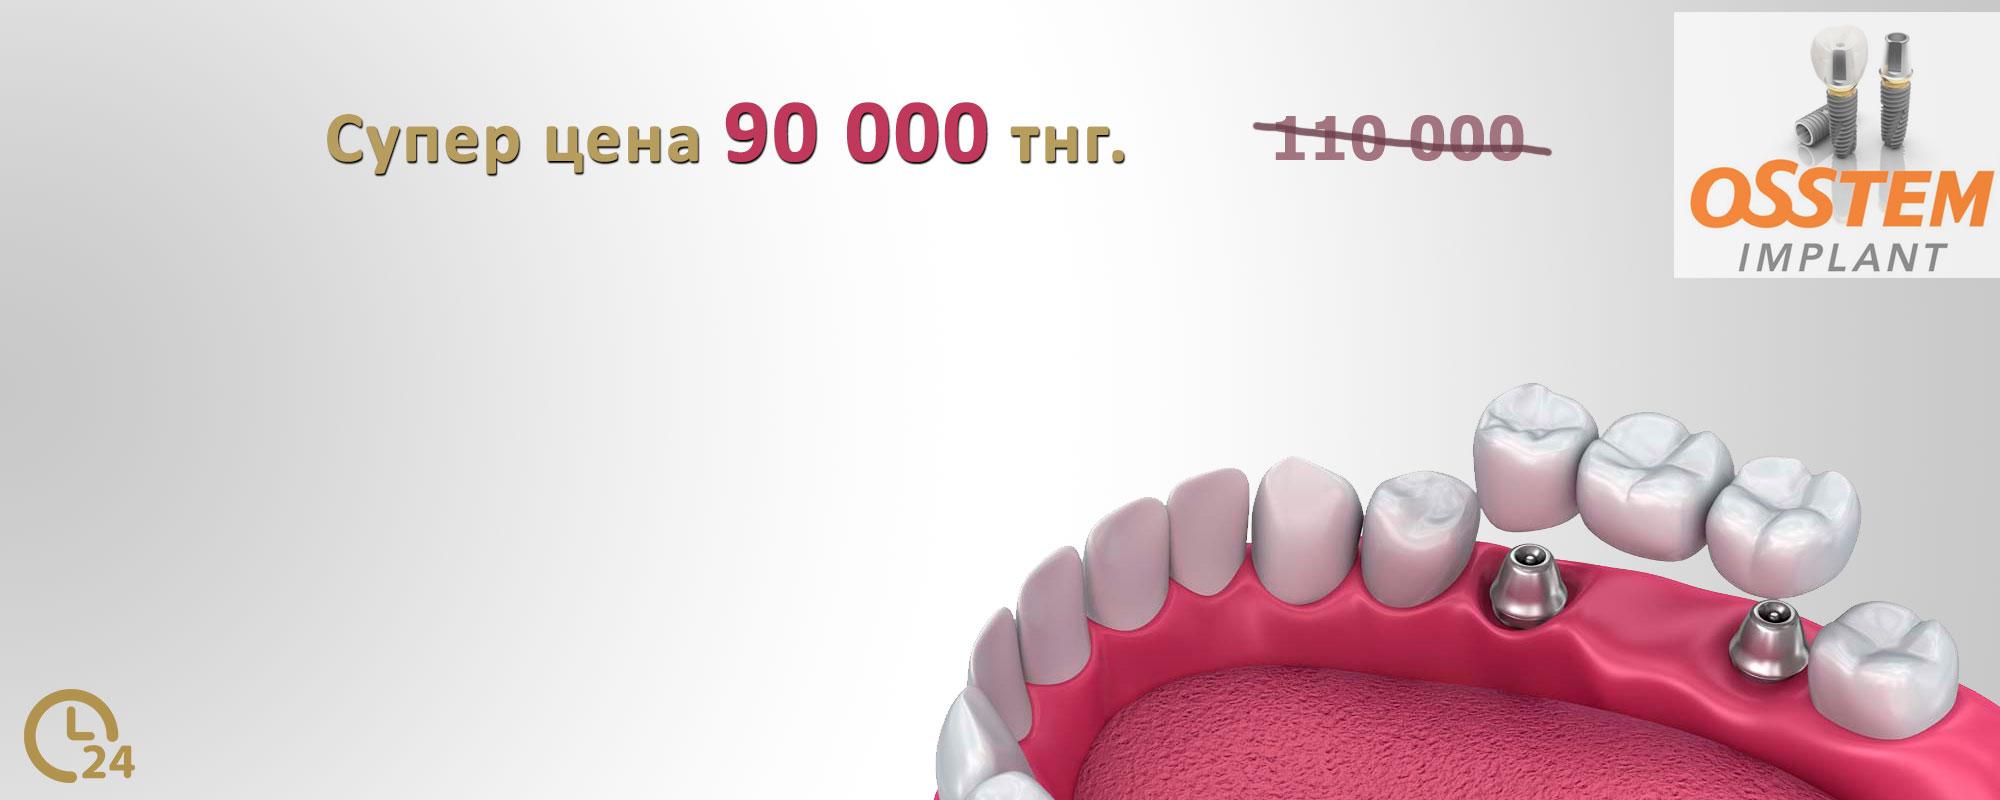 Установка имплантов системы «Osstem»